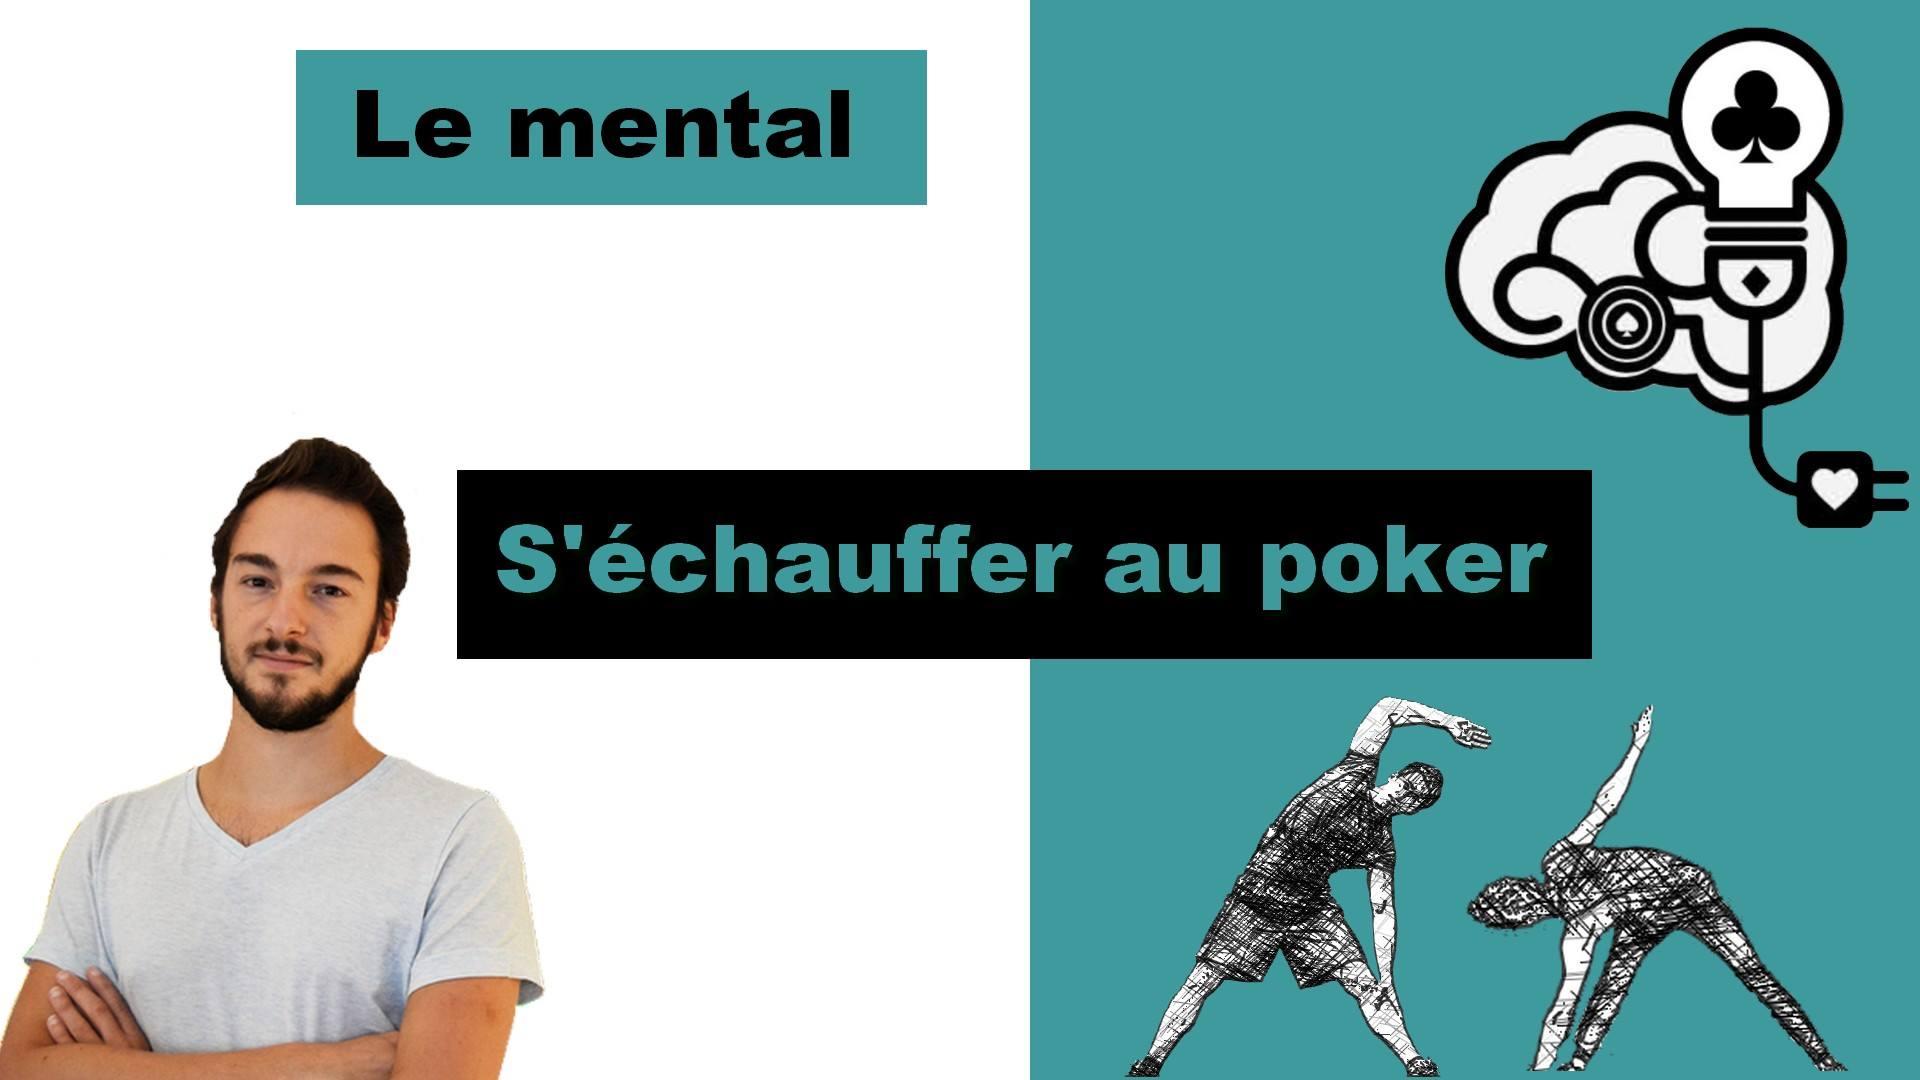 Vidéo mentale : S'échauffer au poker et gagner de l'EV